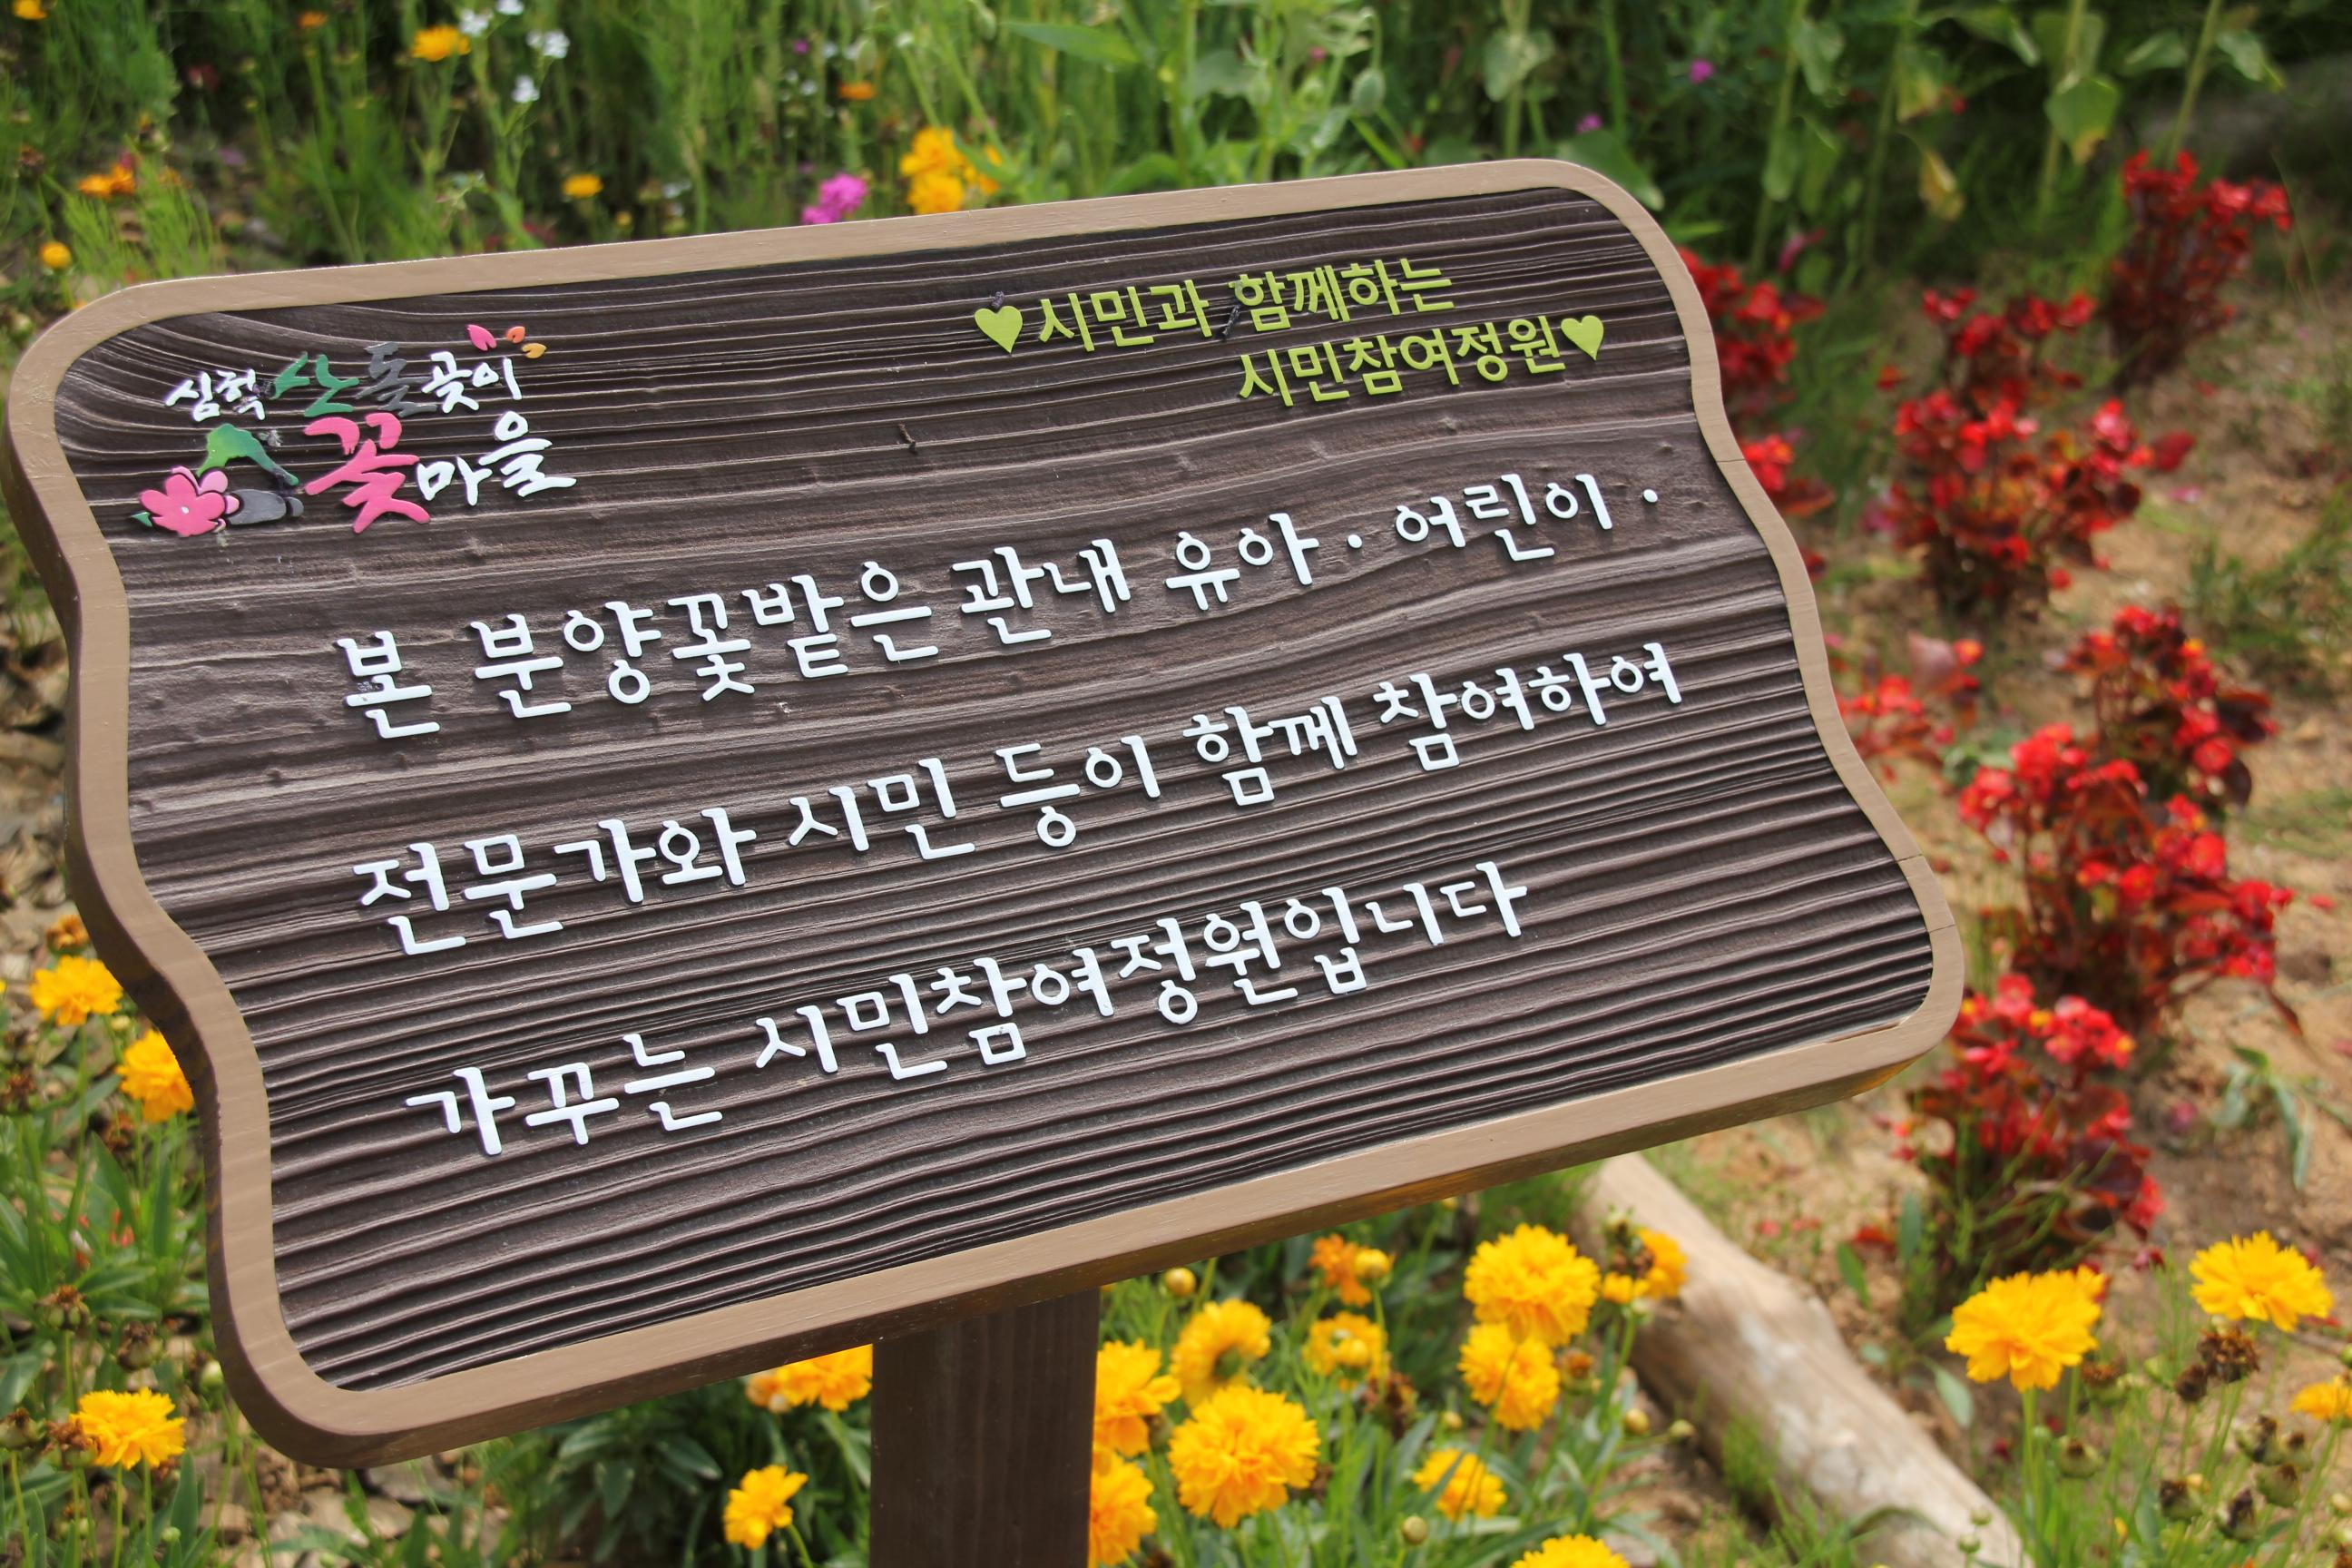 시민과 함께하는 시민참여정원 본 분양꽃밭은 관내 유아 어린이 전문가와 시민등이 함께 참여하여 가꾸는 시민참여정원입니다.